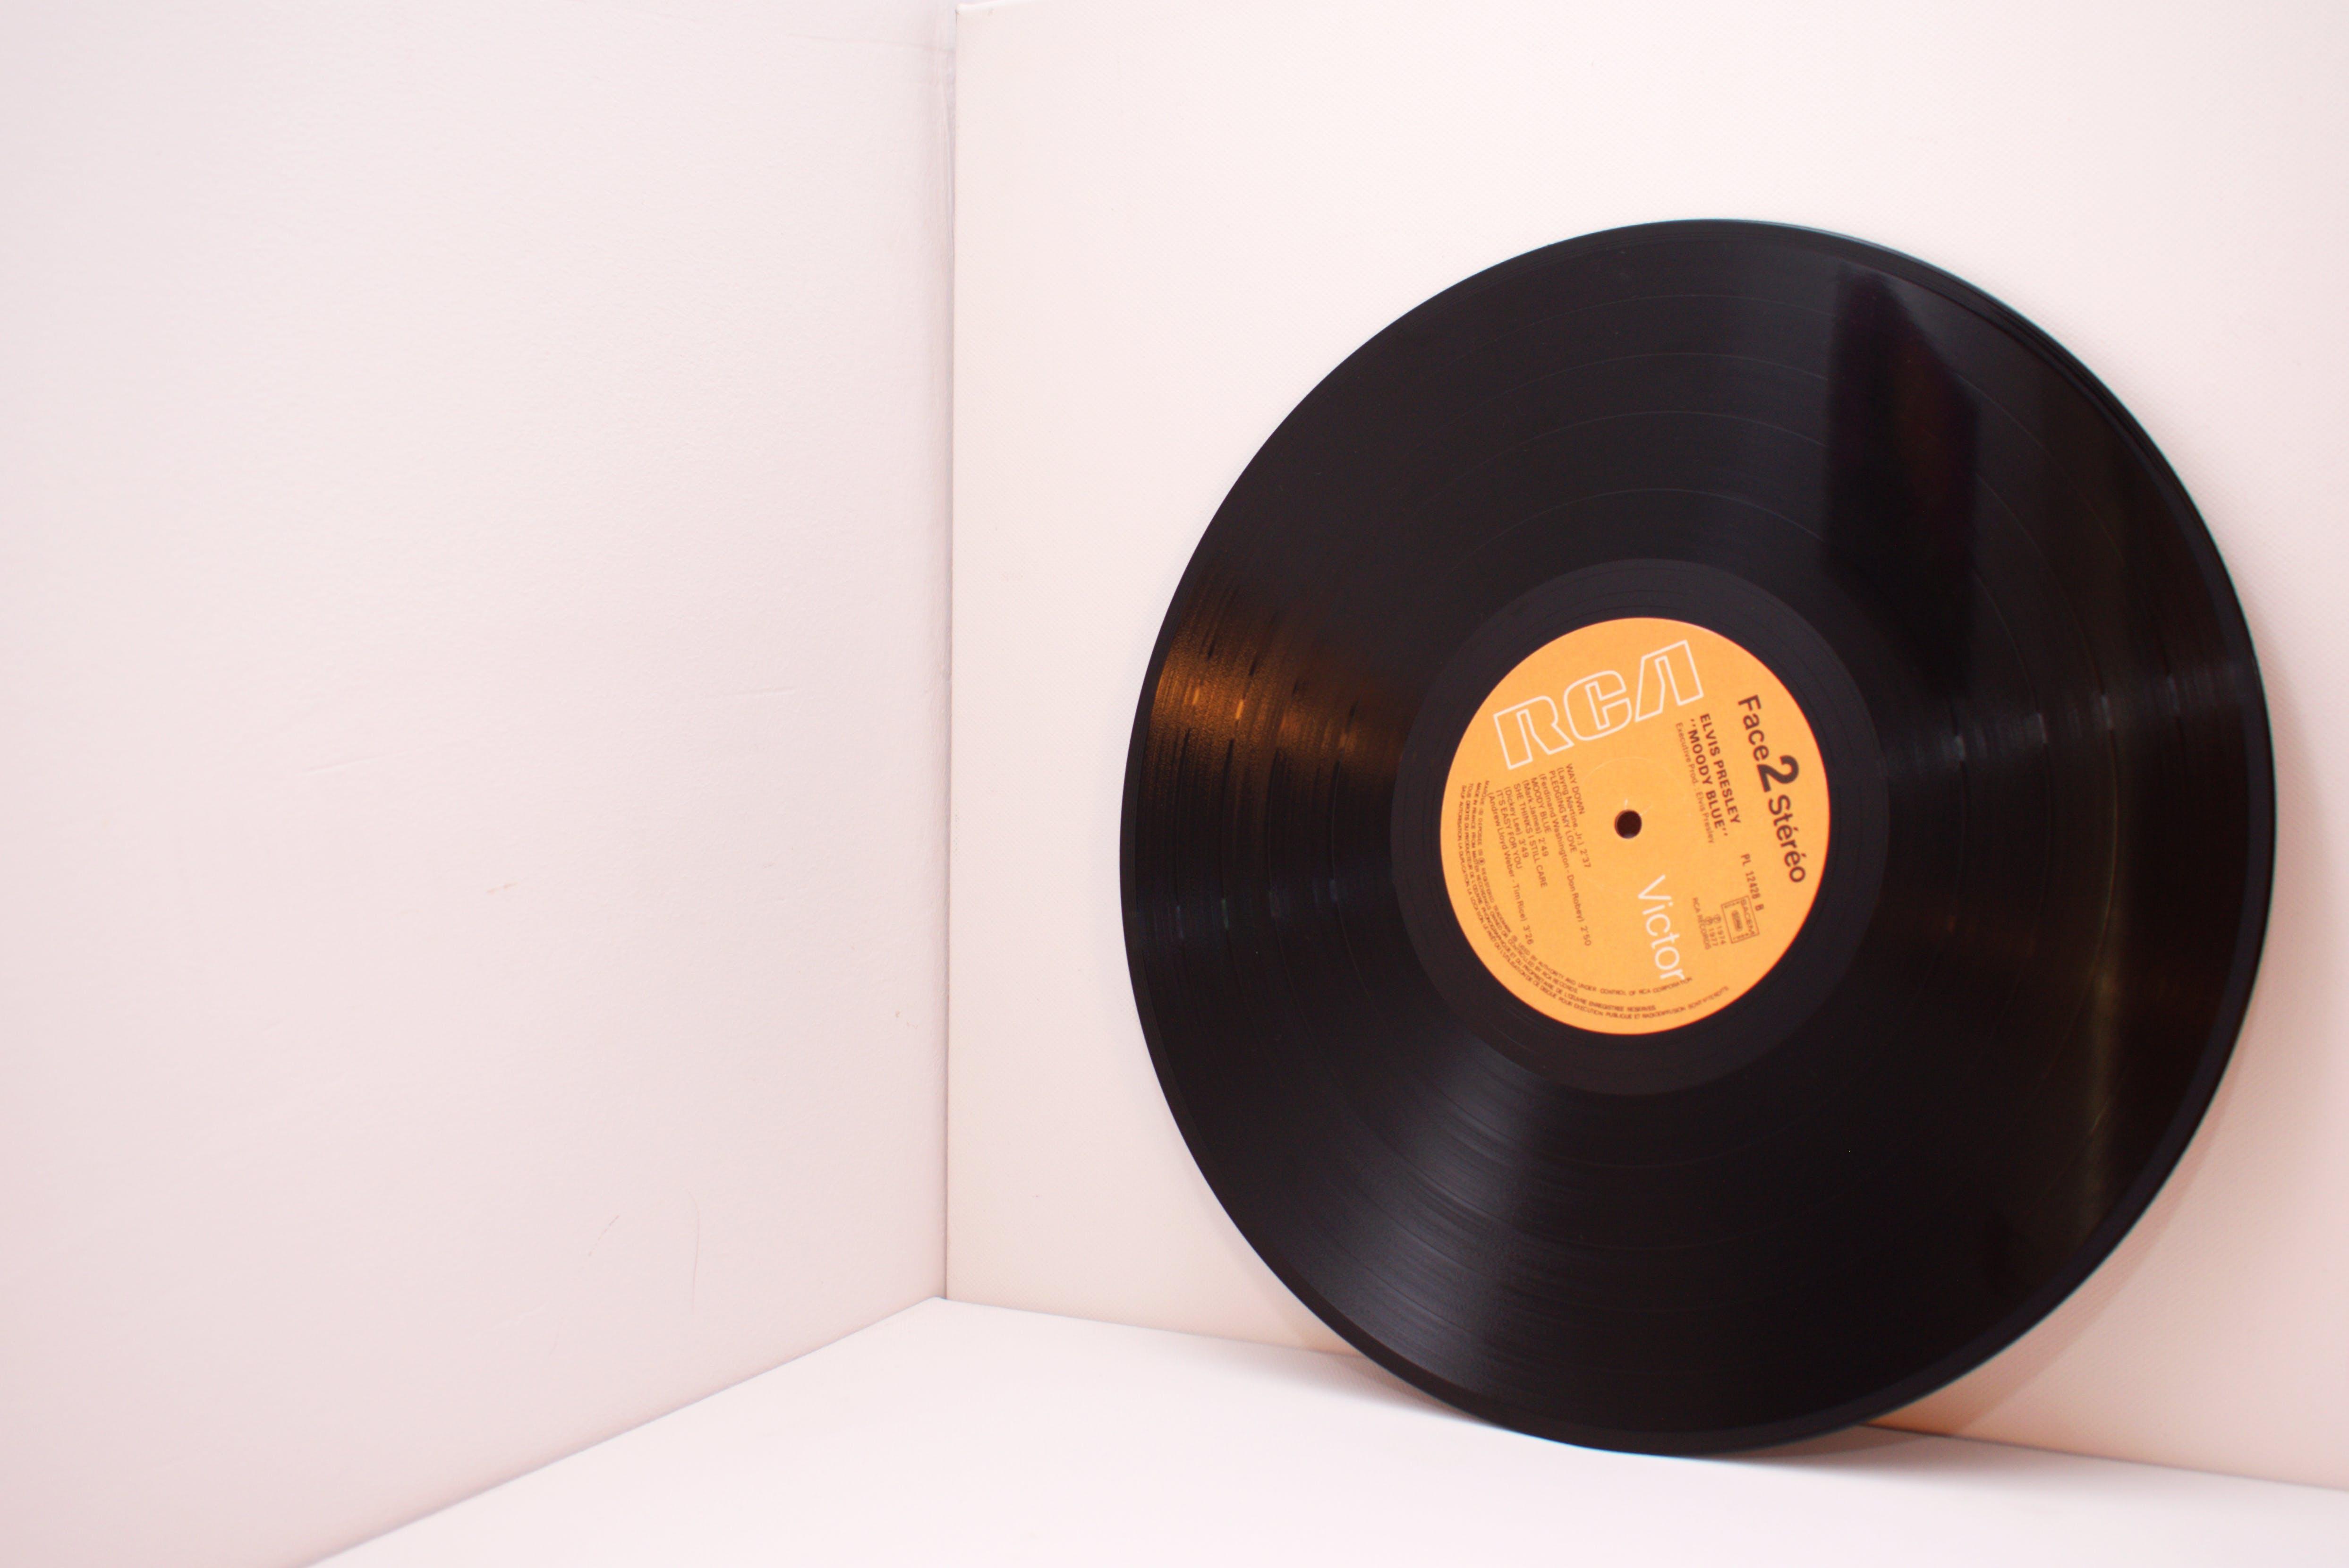 Closeup Photo of Rca Vinyl Record Disc